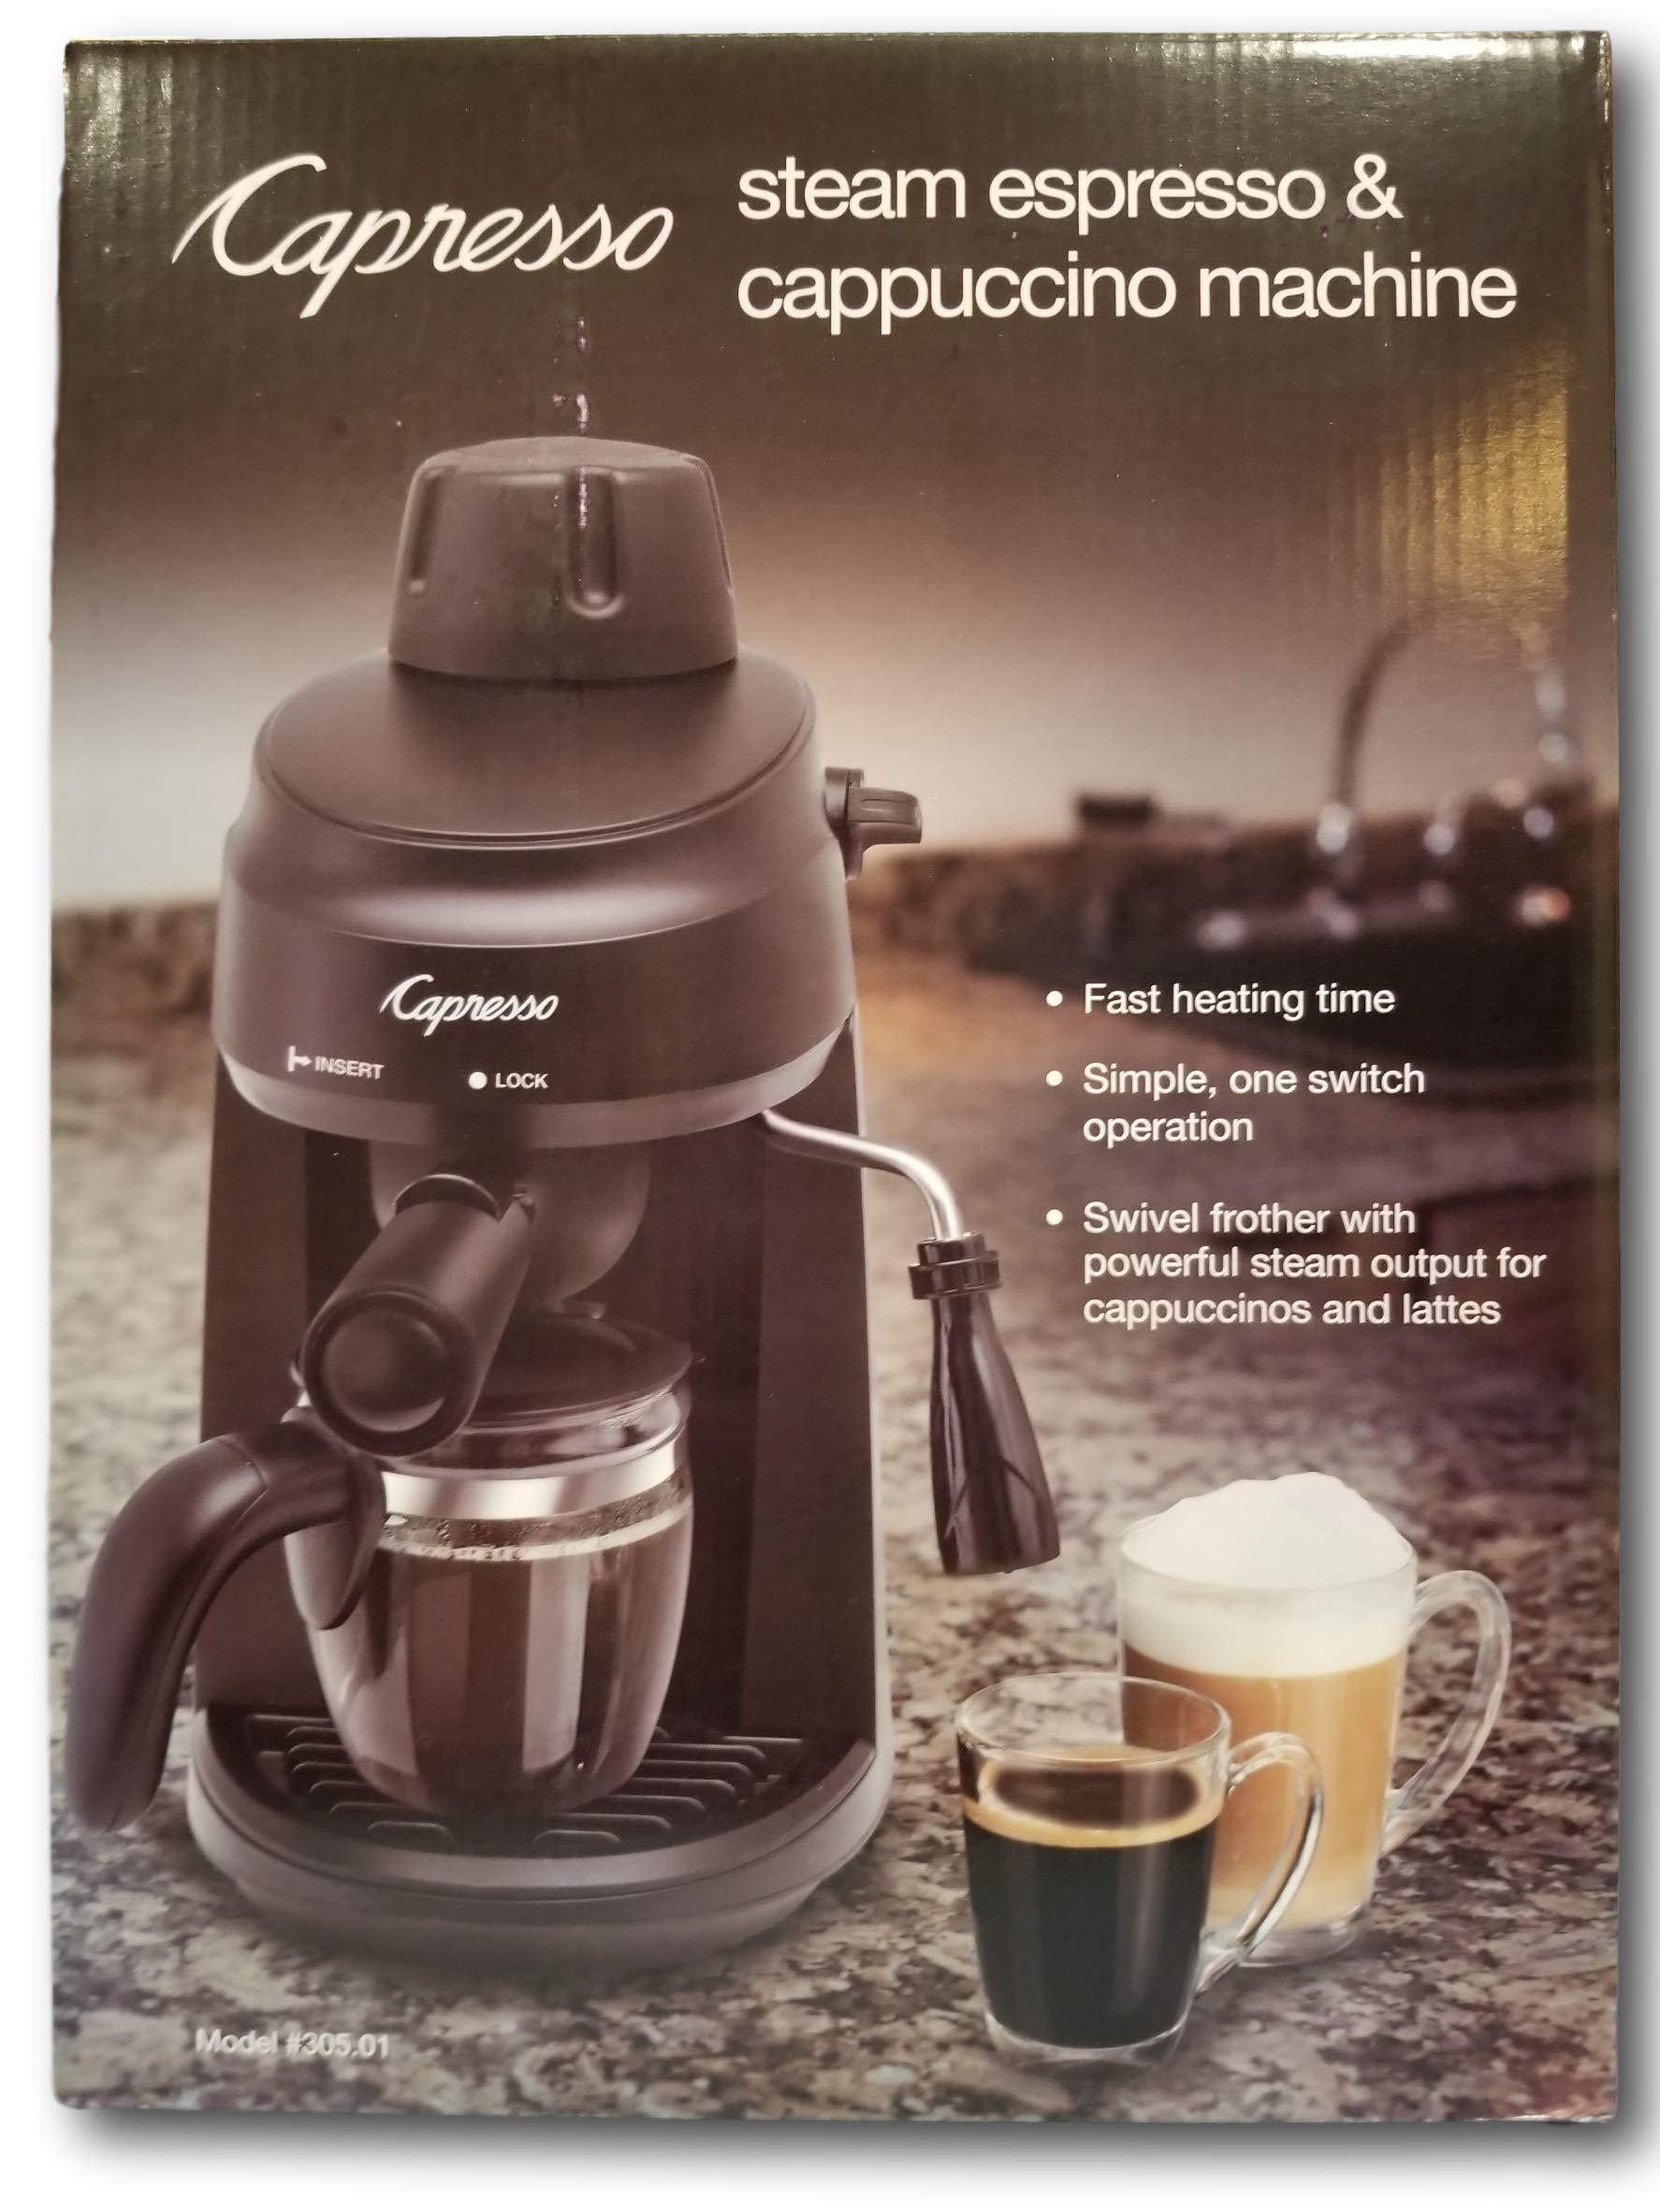 Capresso Steam Espresso & Cappuccino Machine by Steam Espresso & Cappuccino Machine